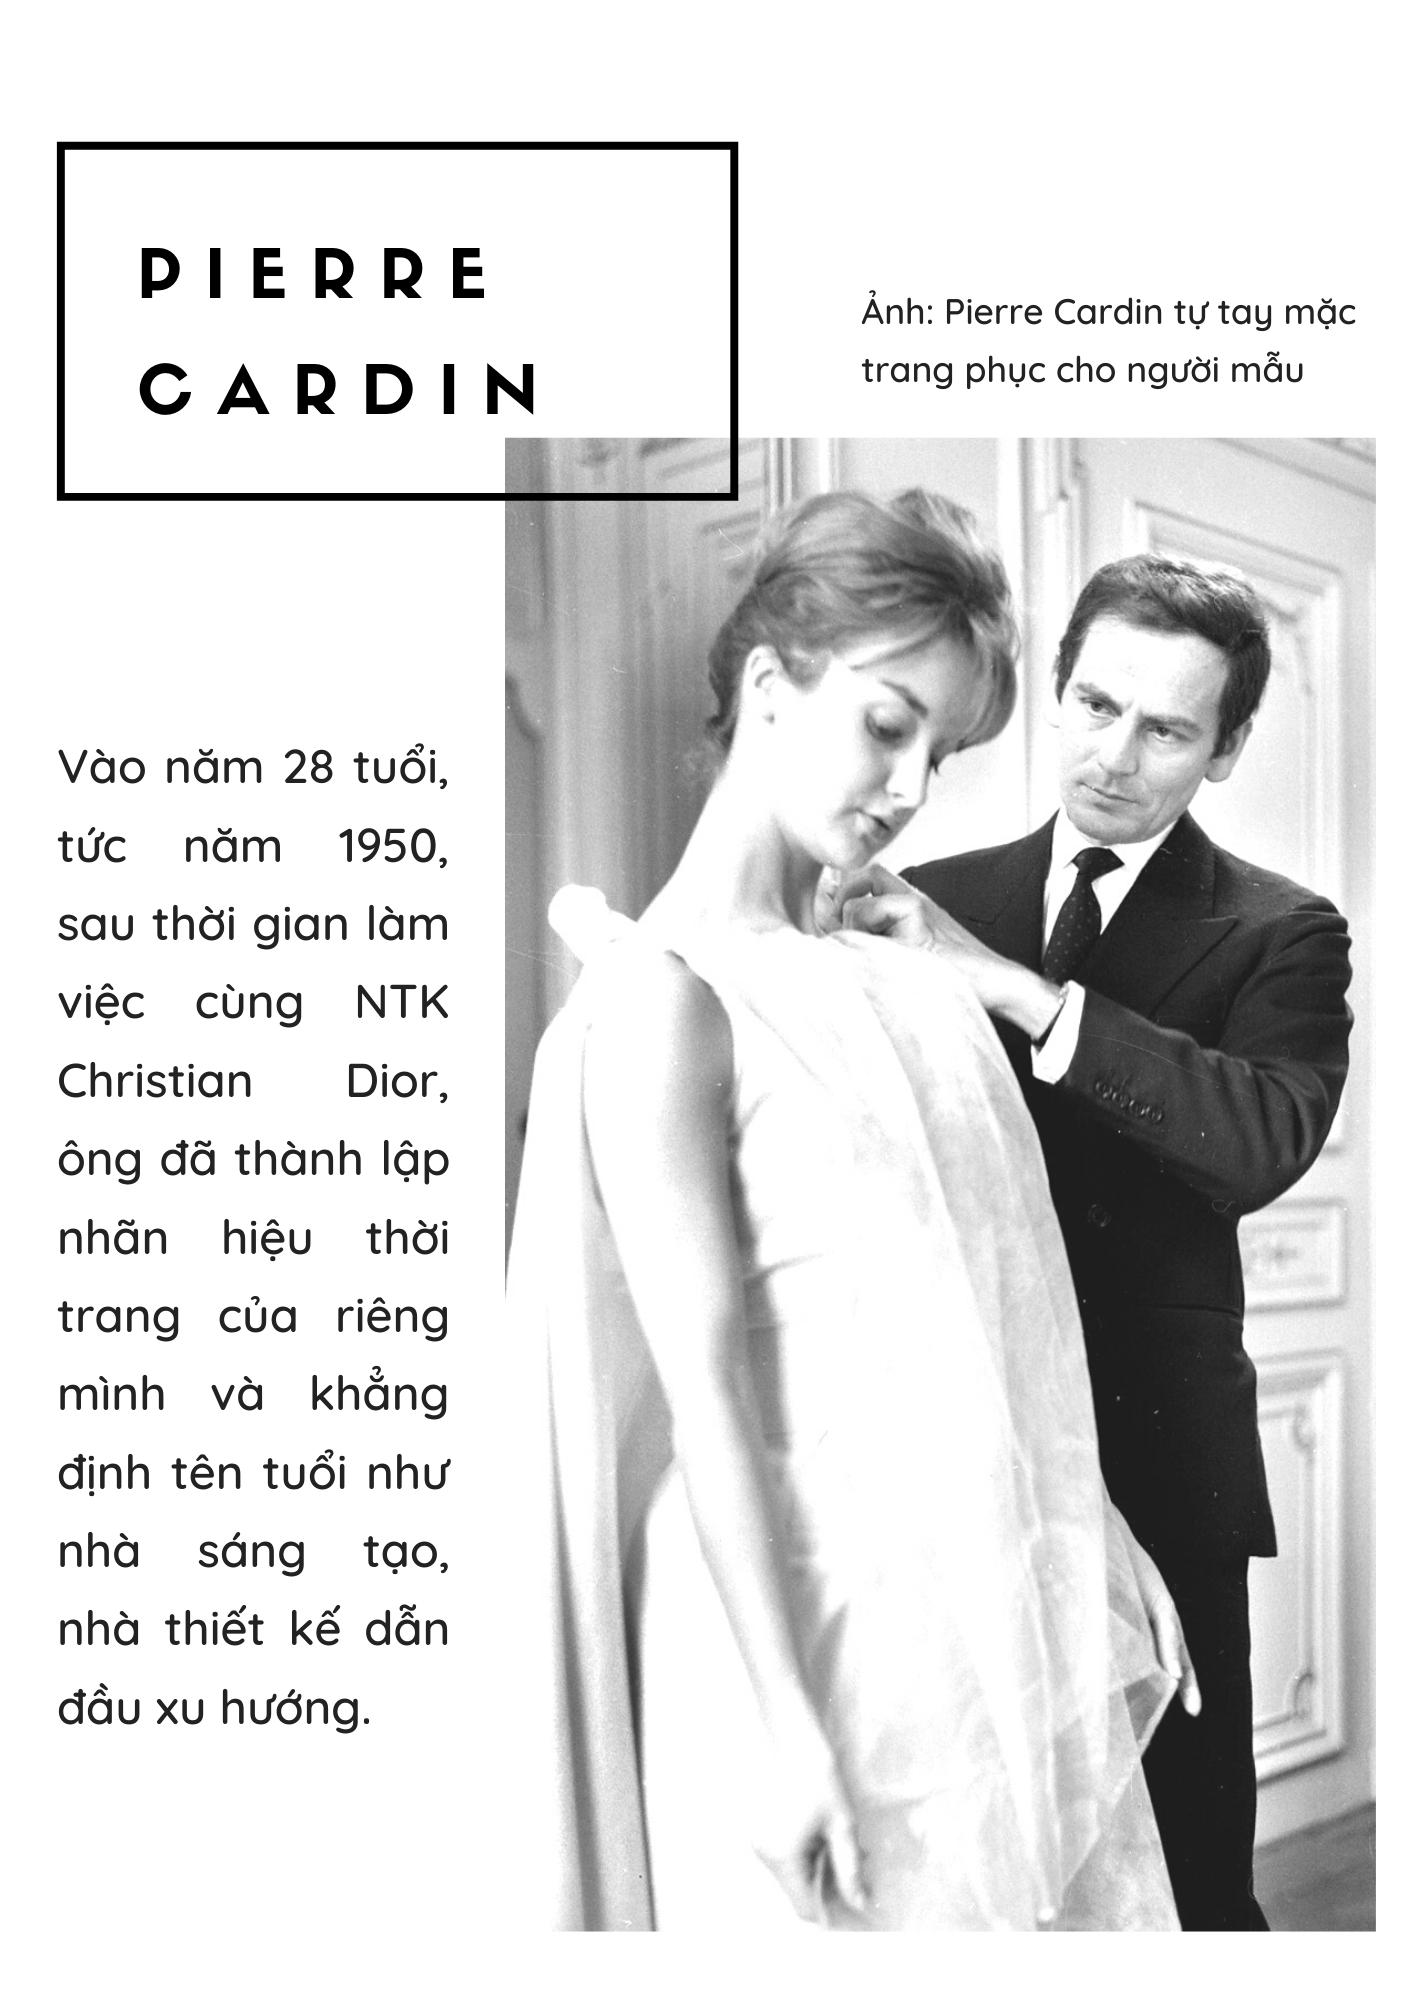 Huyền thoại Pierre Cardin: câu chuyện thương hiệu cá nhân và khối tài sản 800 triệu USD cuối đời - Ảnh 1.